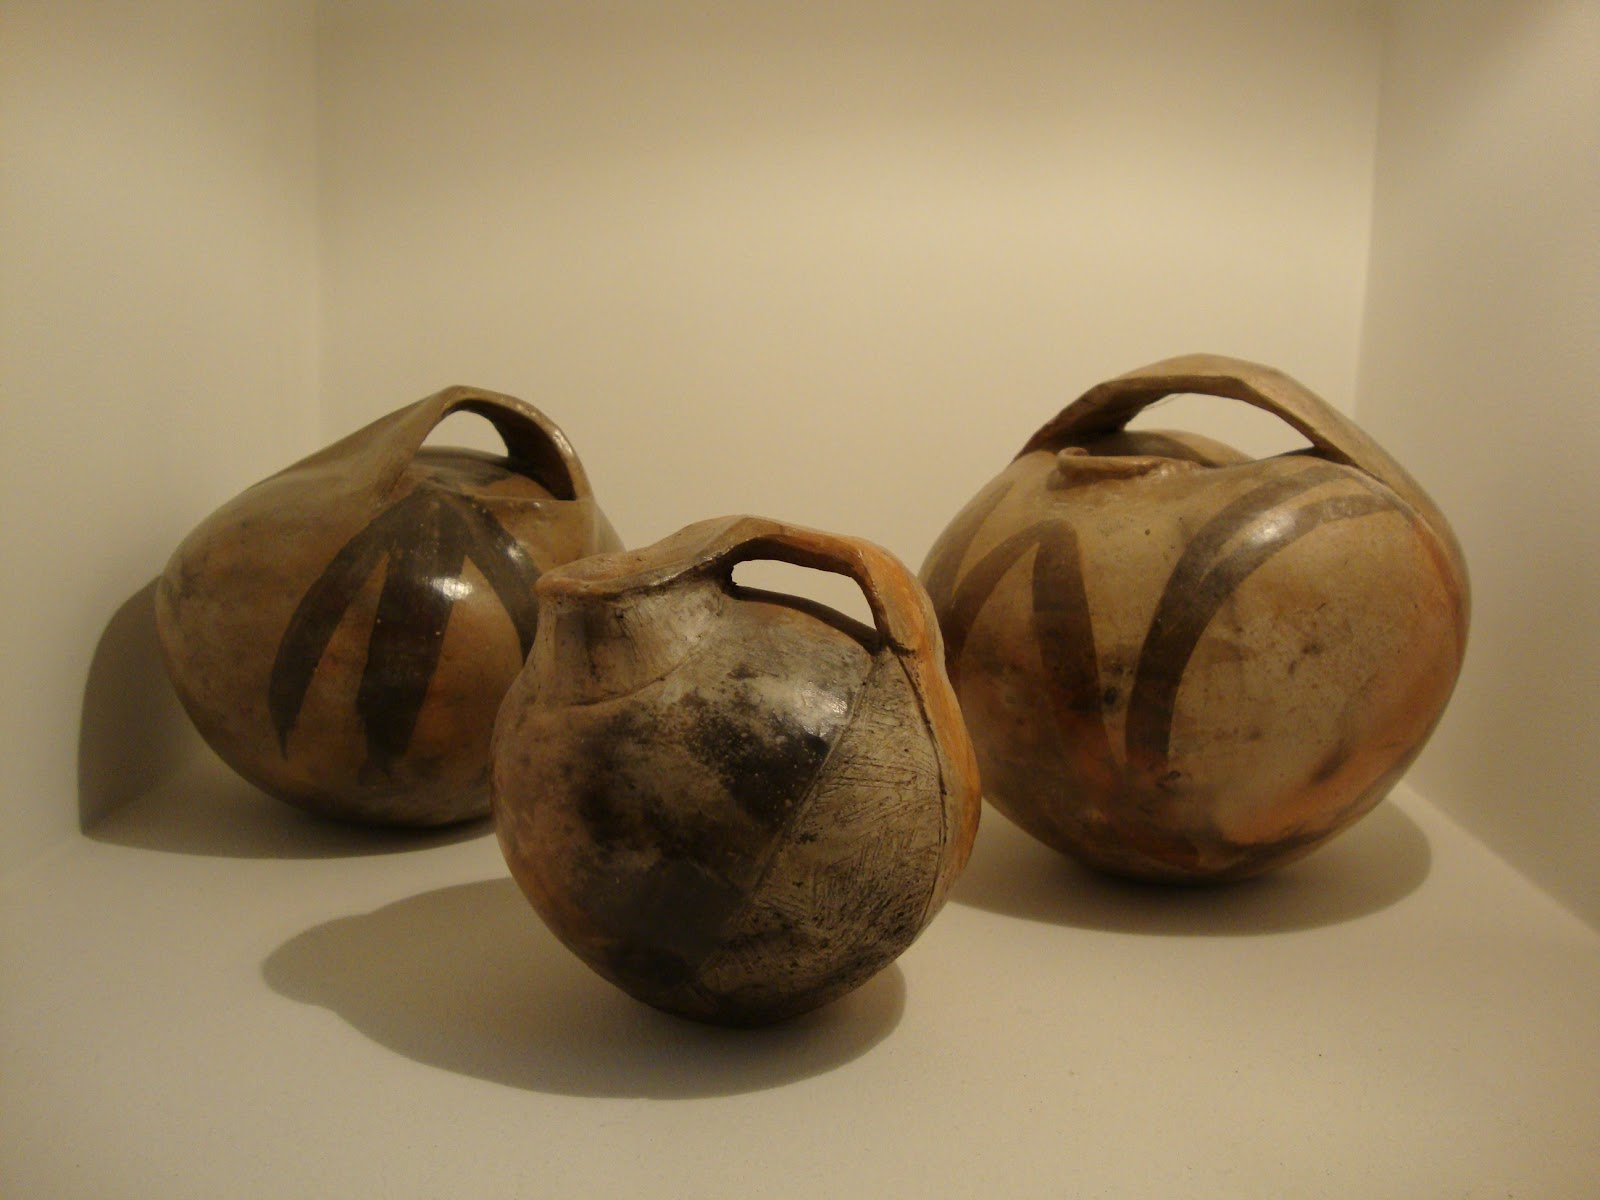 Cer mica complementaria fba la plata obras del museo de for Ceramica buenos aires